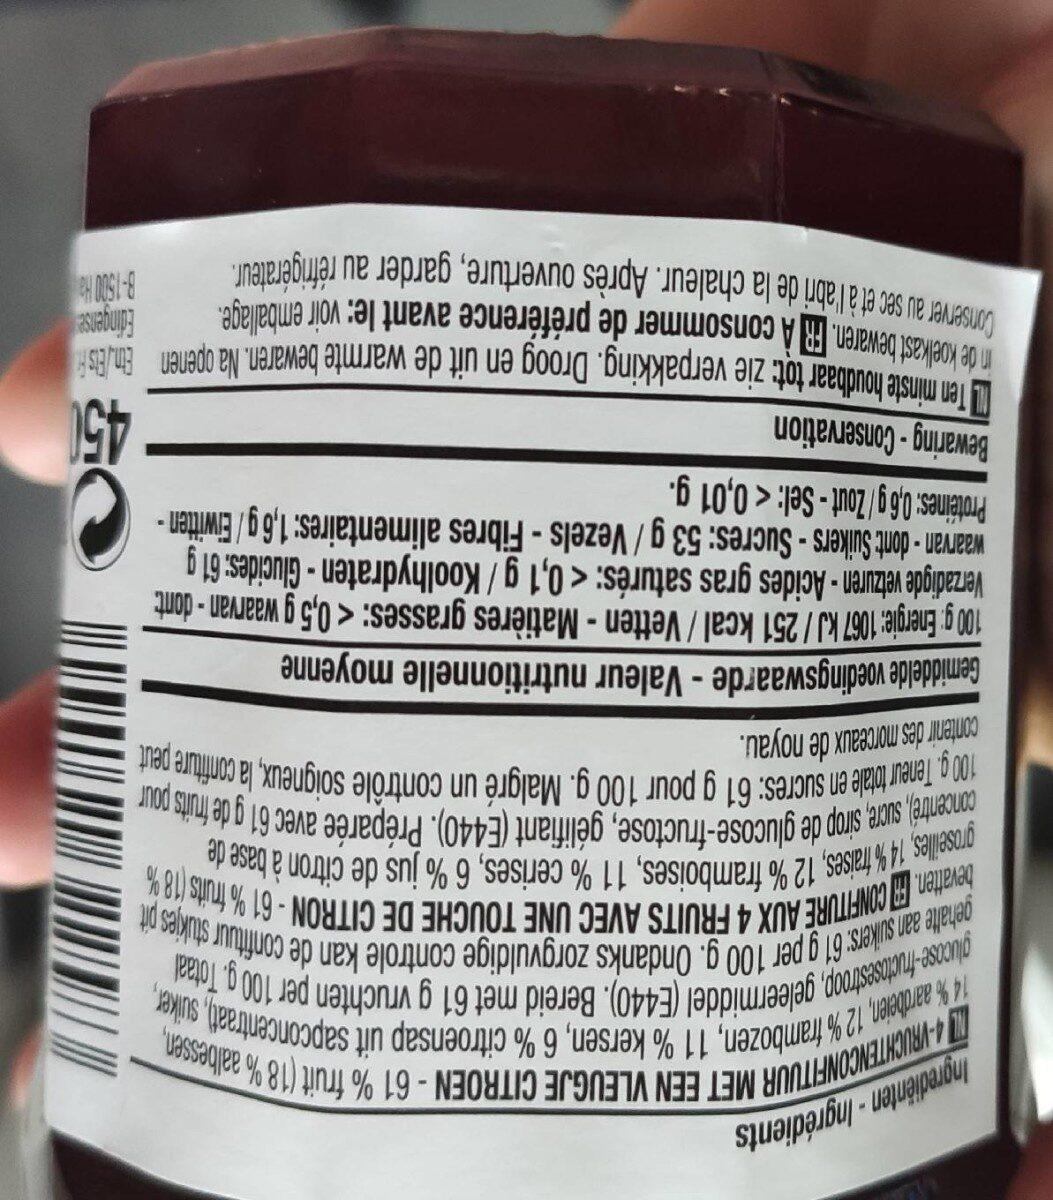 4 rode vruchten confituur - Informations nutritionnelles - fr